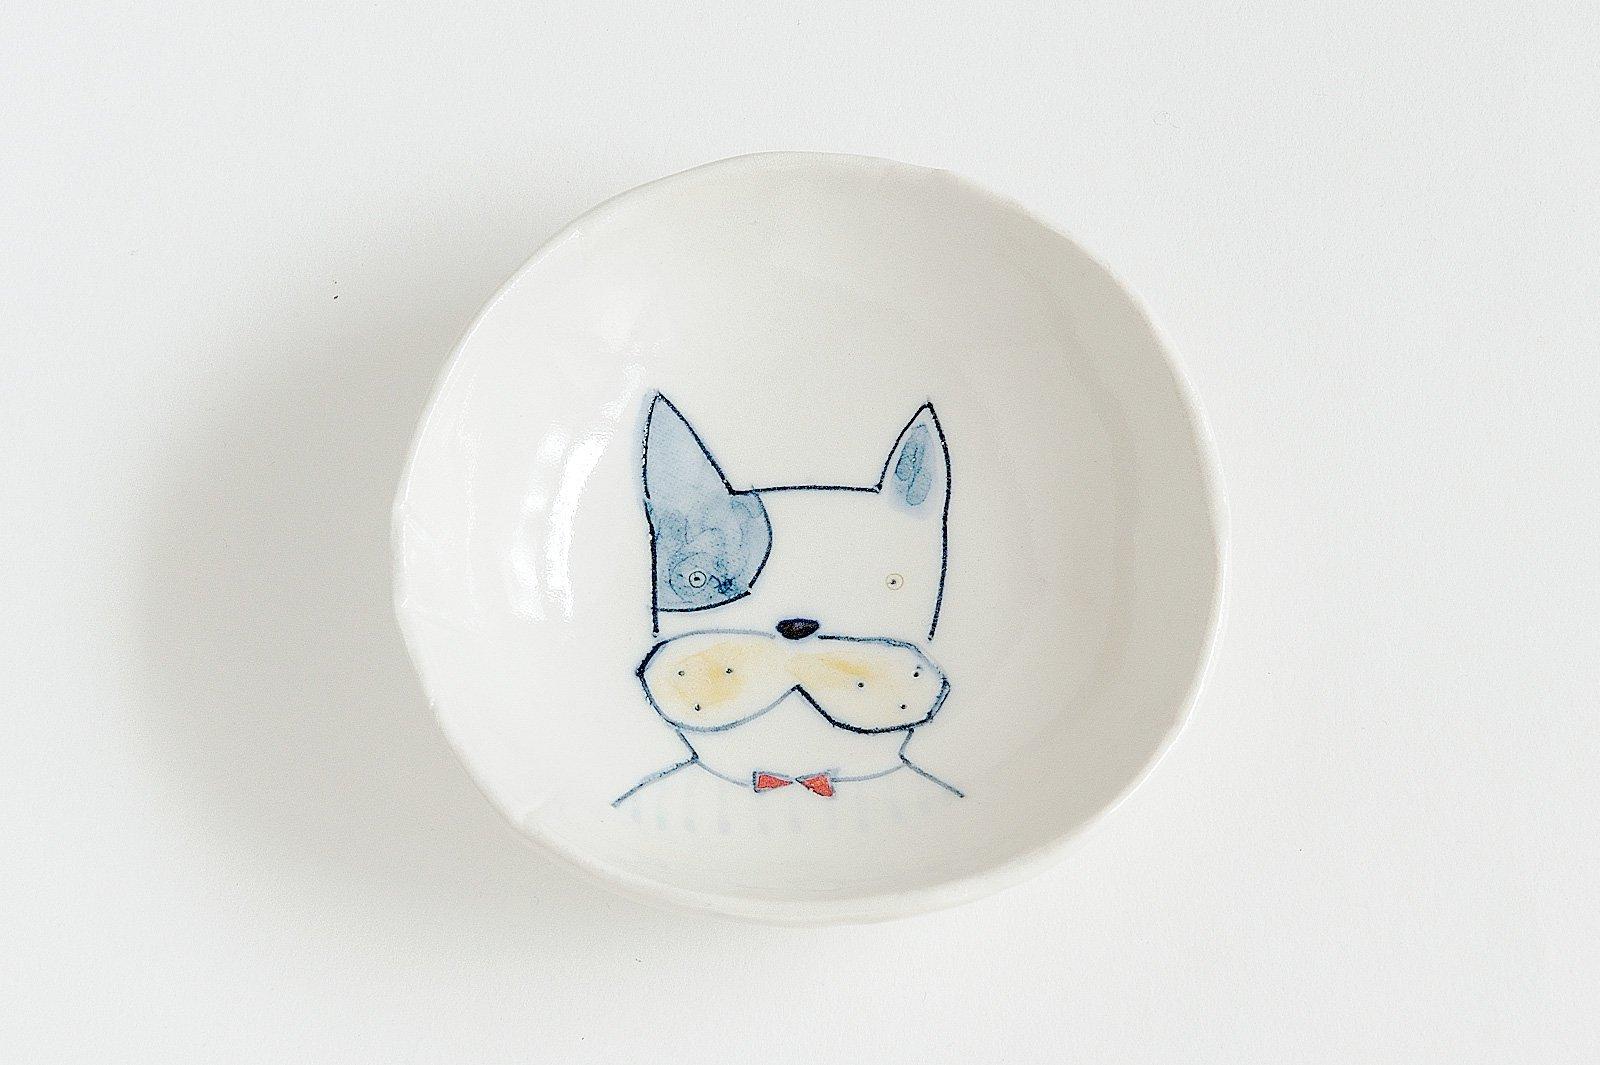 どうぶつ絵皿 犬 - フレンチブルドック